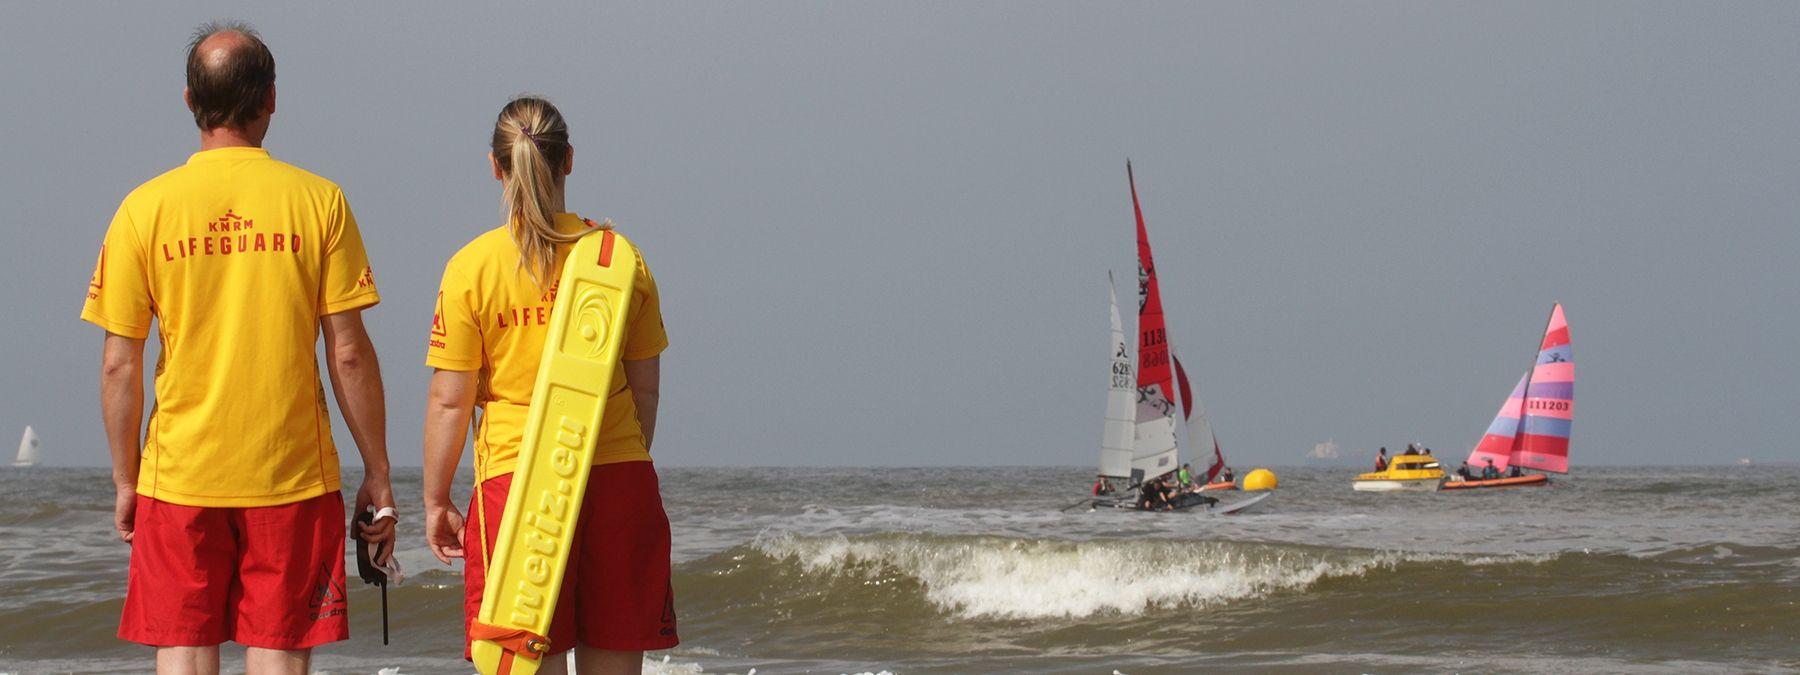 Lifeguards Wassenaar| Fotograaf: Foto van Dijk